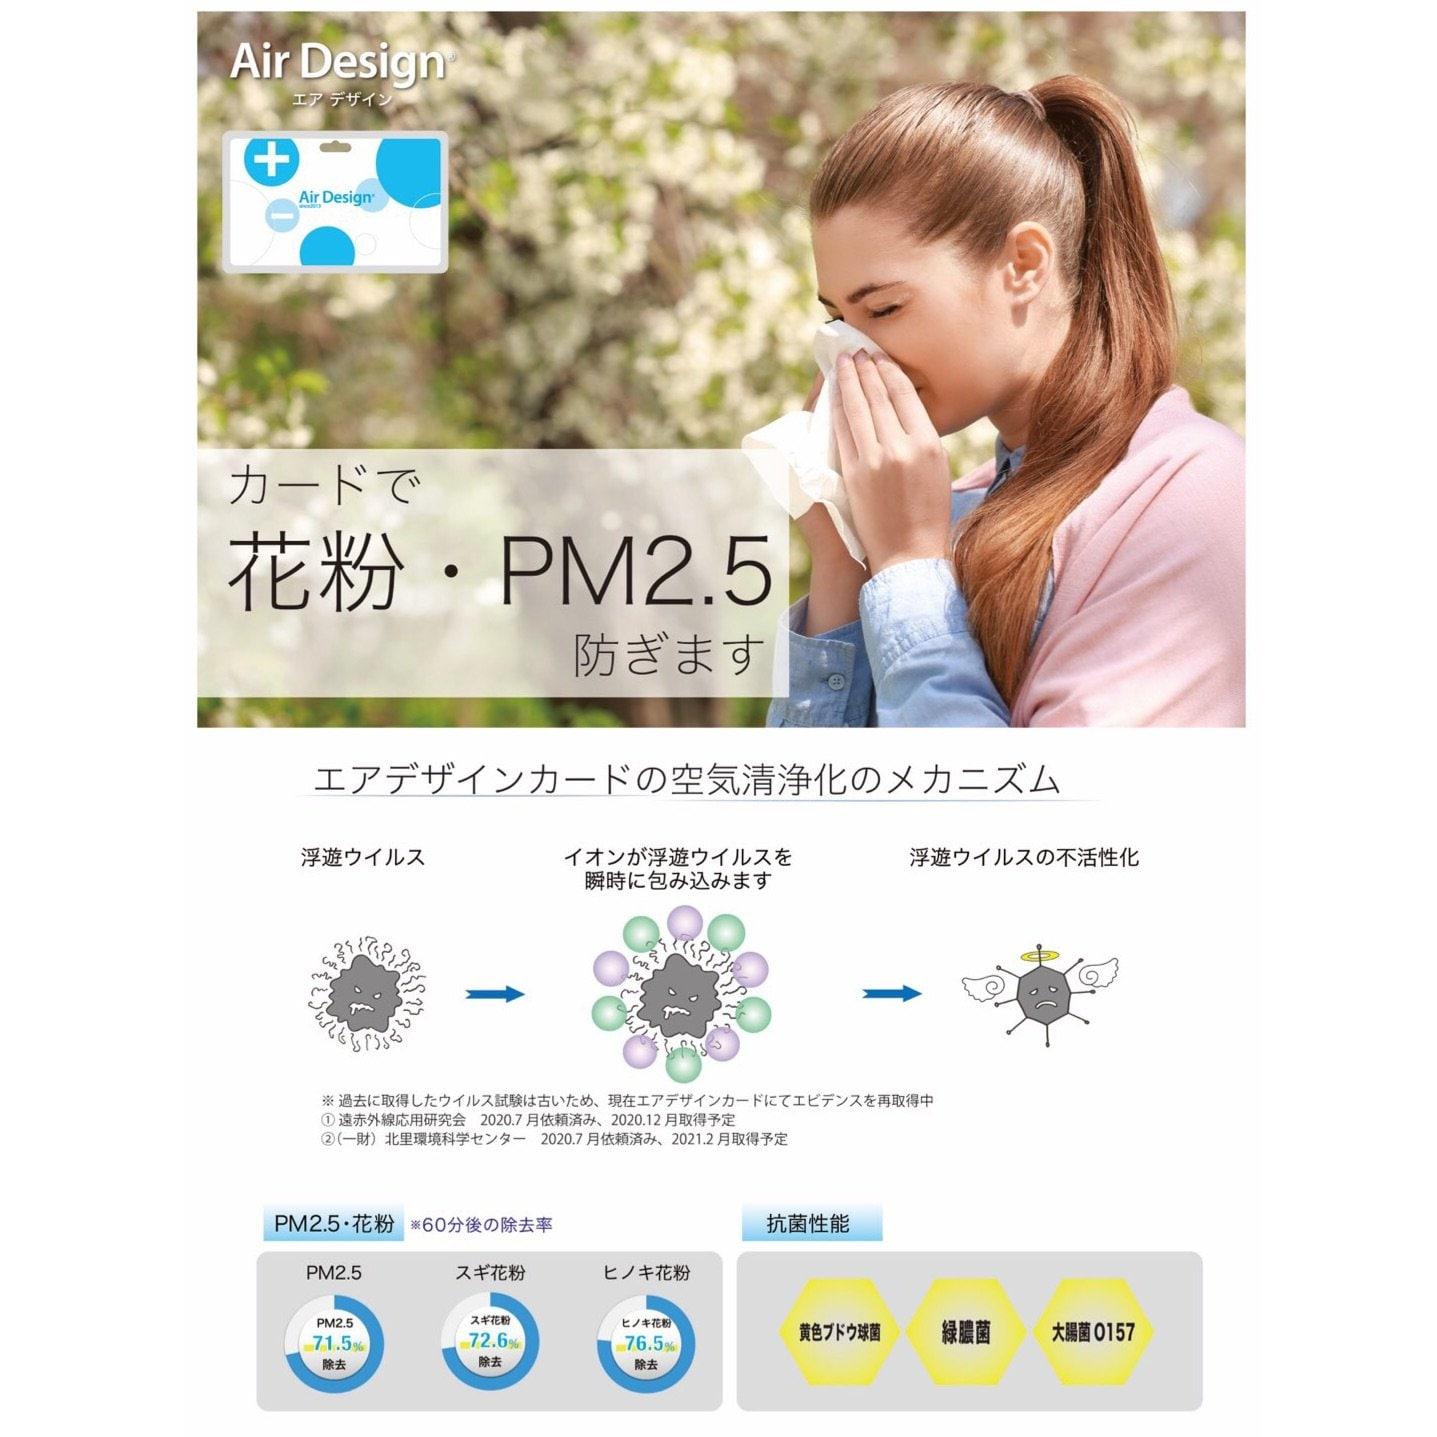 カード式空気清浄機 /AirDesignCard【現地決済専用チケット】PayPay支払い対応可能のイメージその3